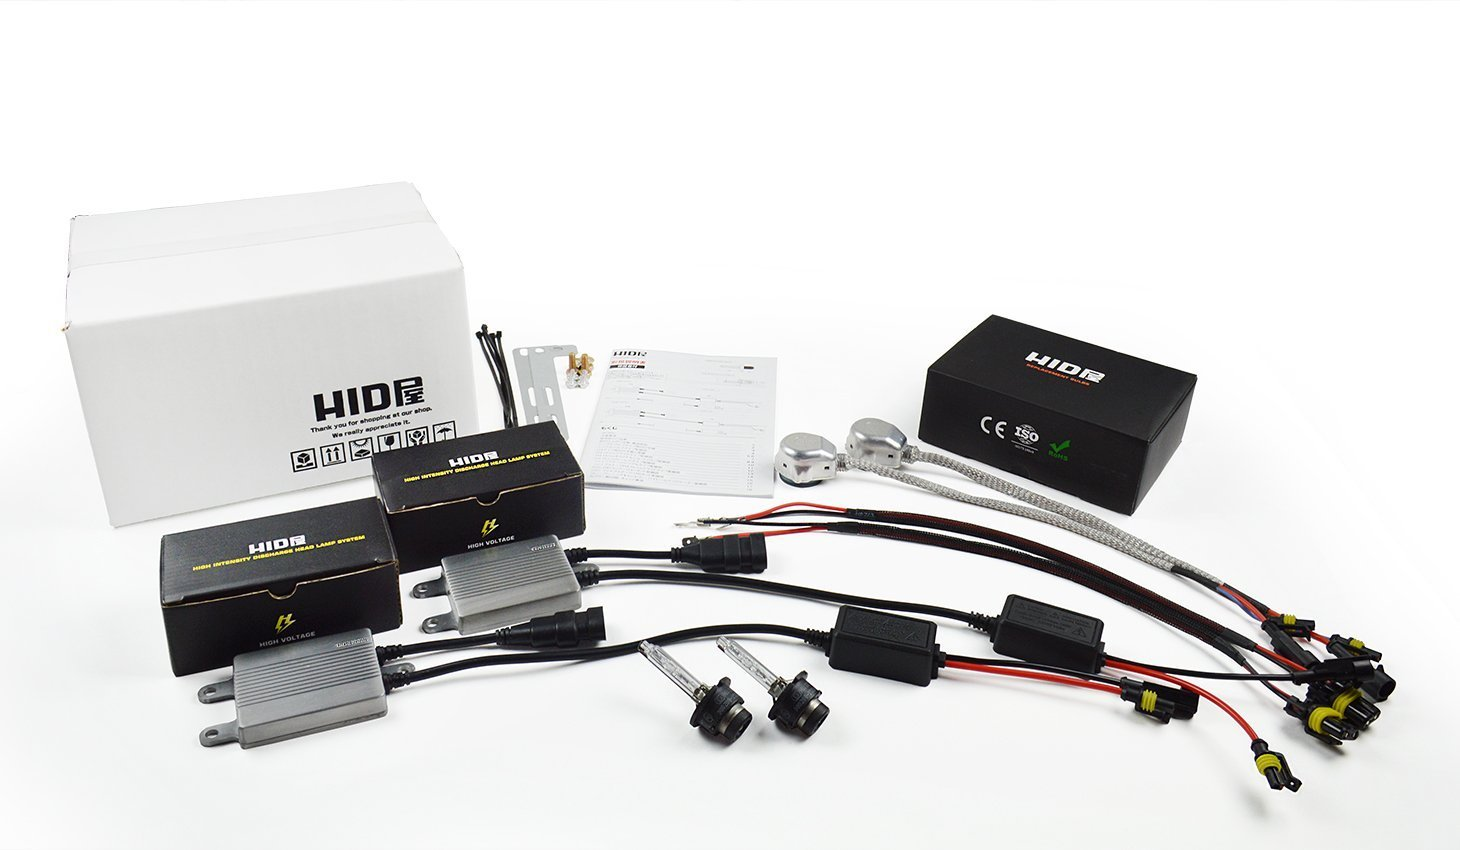 HID屋 D2/D4専用 55W D2Cコンバージョンキット 55W D2S 6000K HIDキット【画像にマウスを合わせますと3つの色(ケルビン数)をお選びできます】(D2S, 6000k) B00CEZ8DGC  6000k D2S